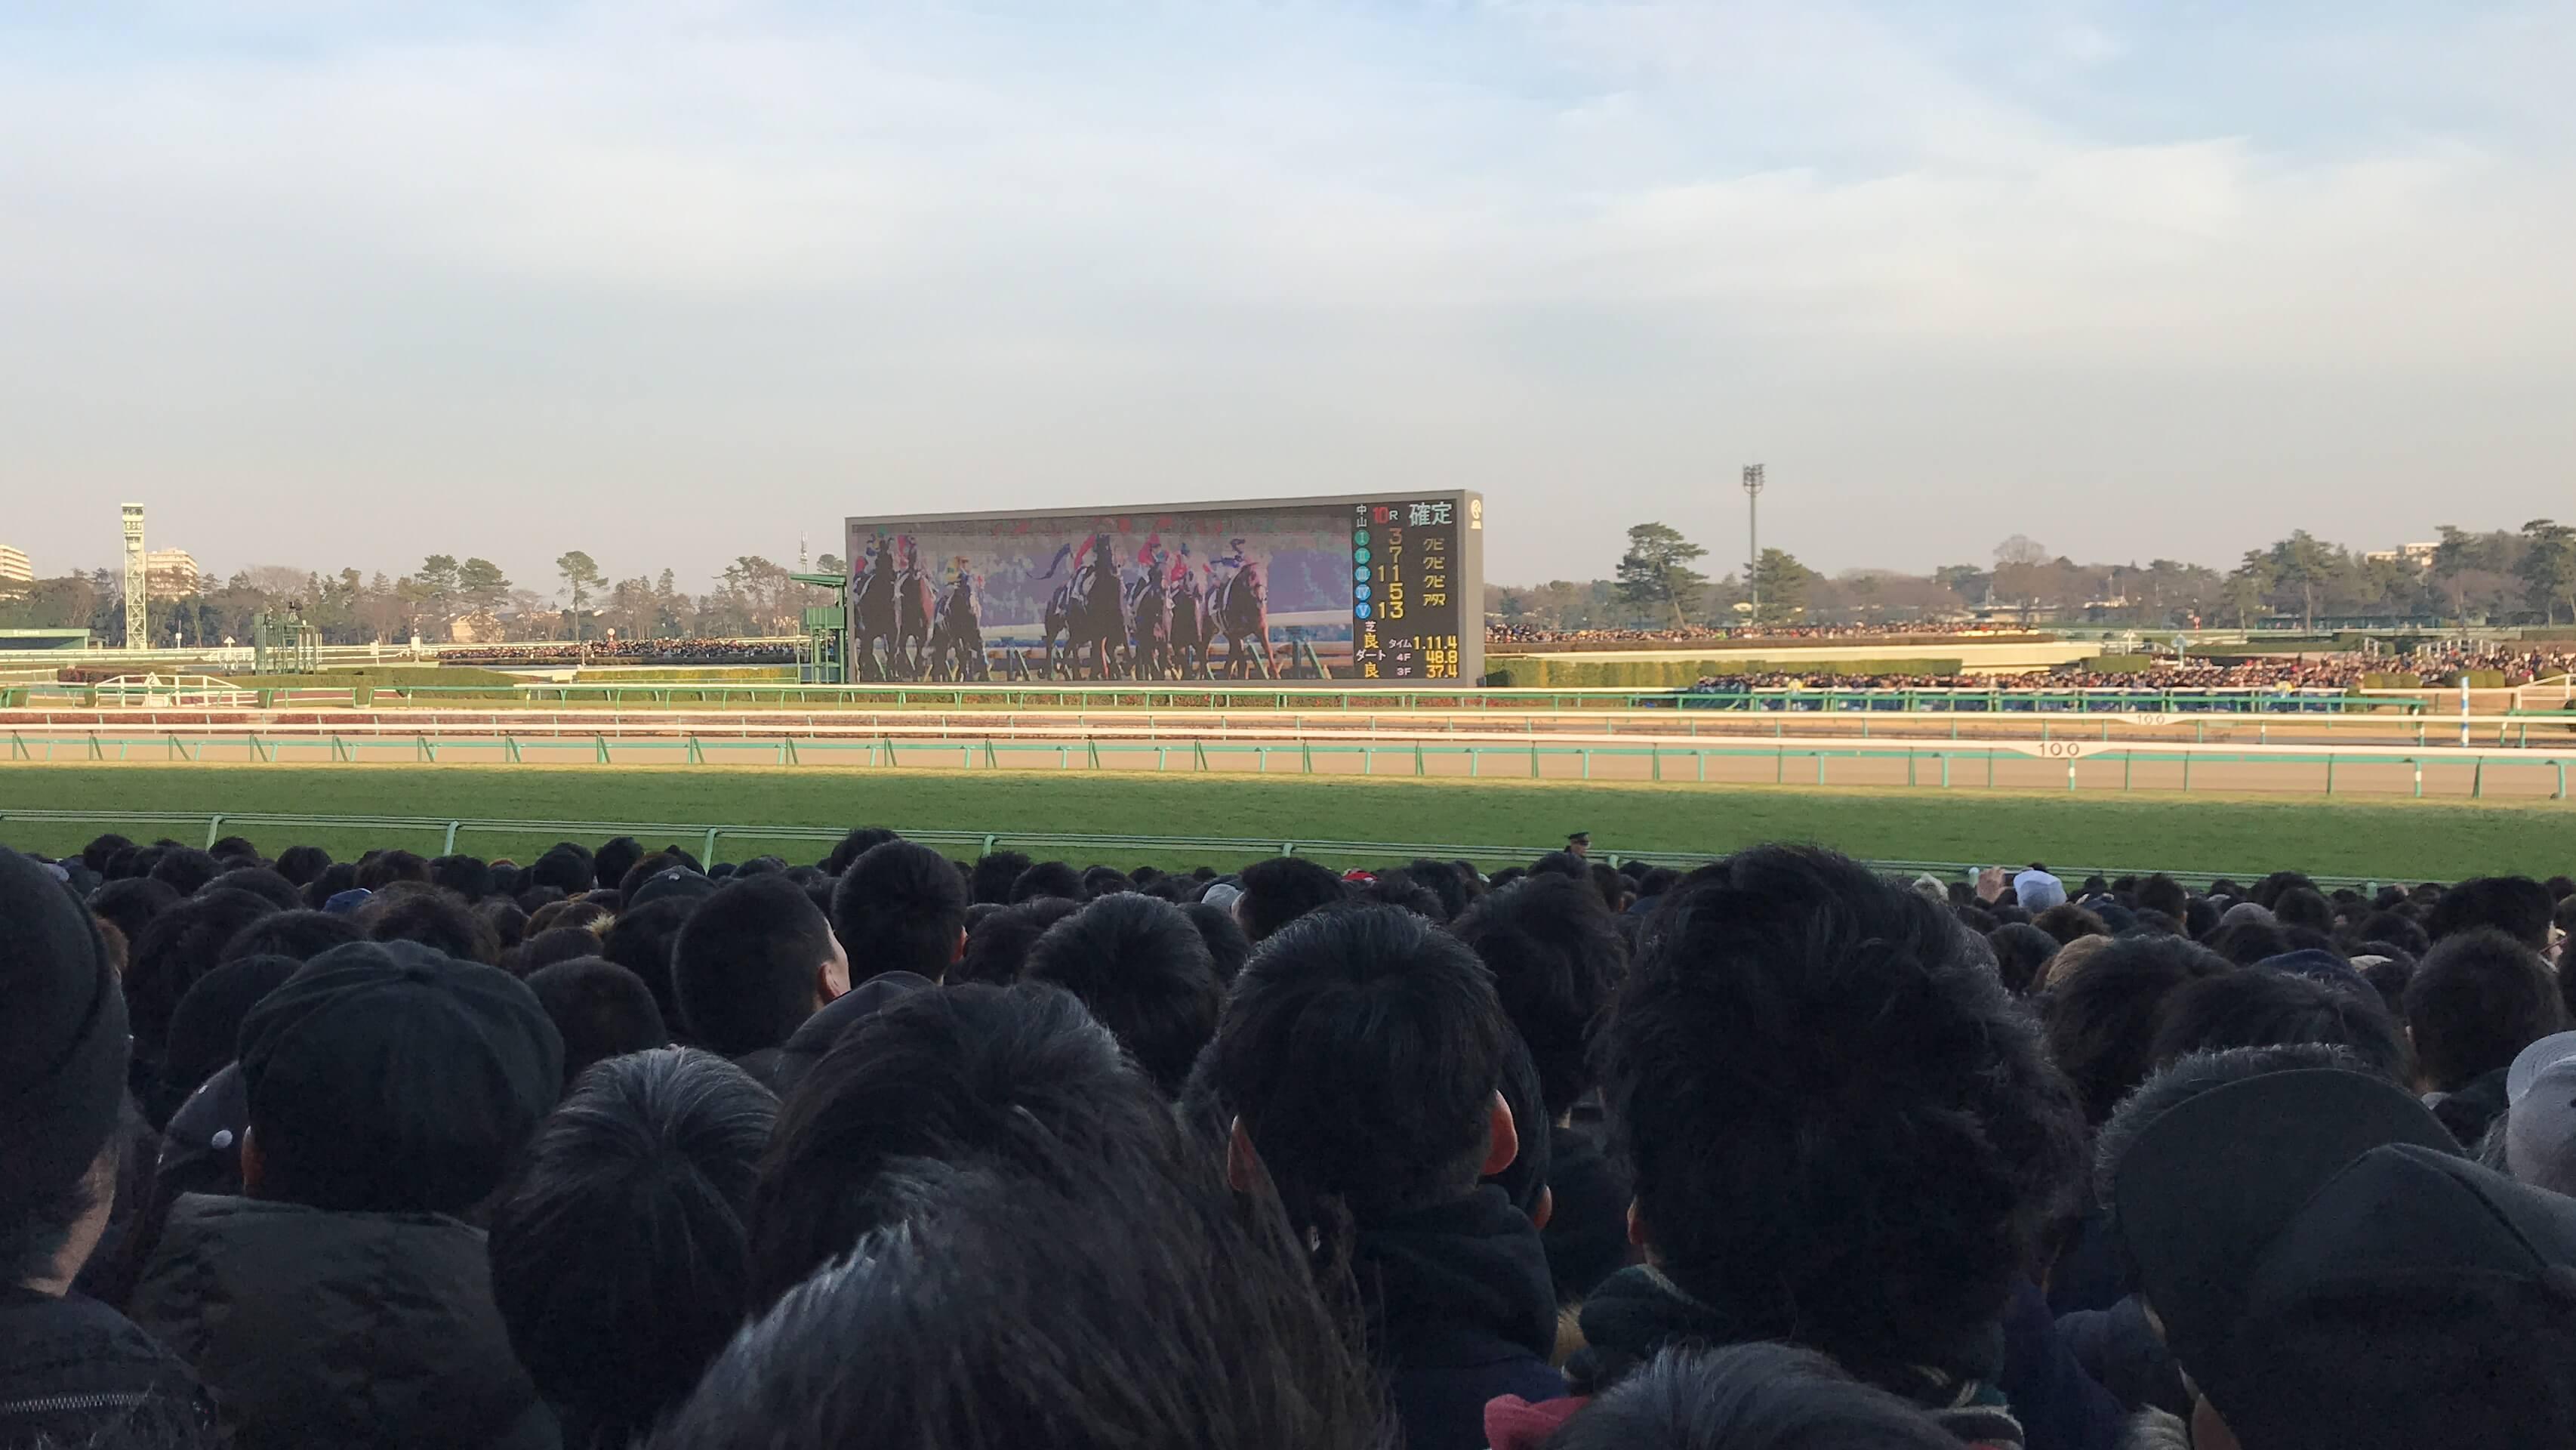 有馬記念のレース直前のスタンド前の観衆